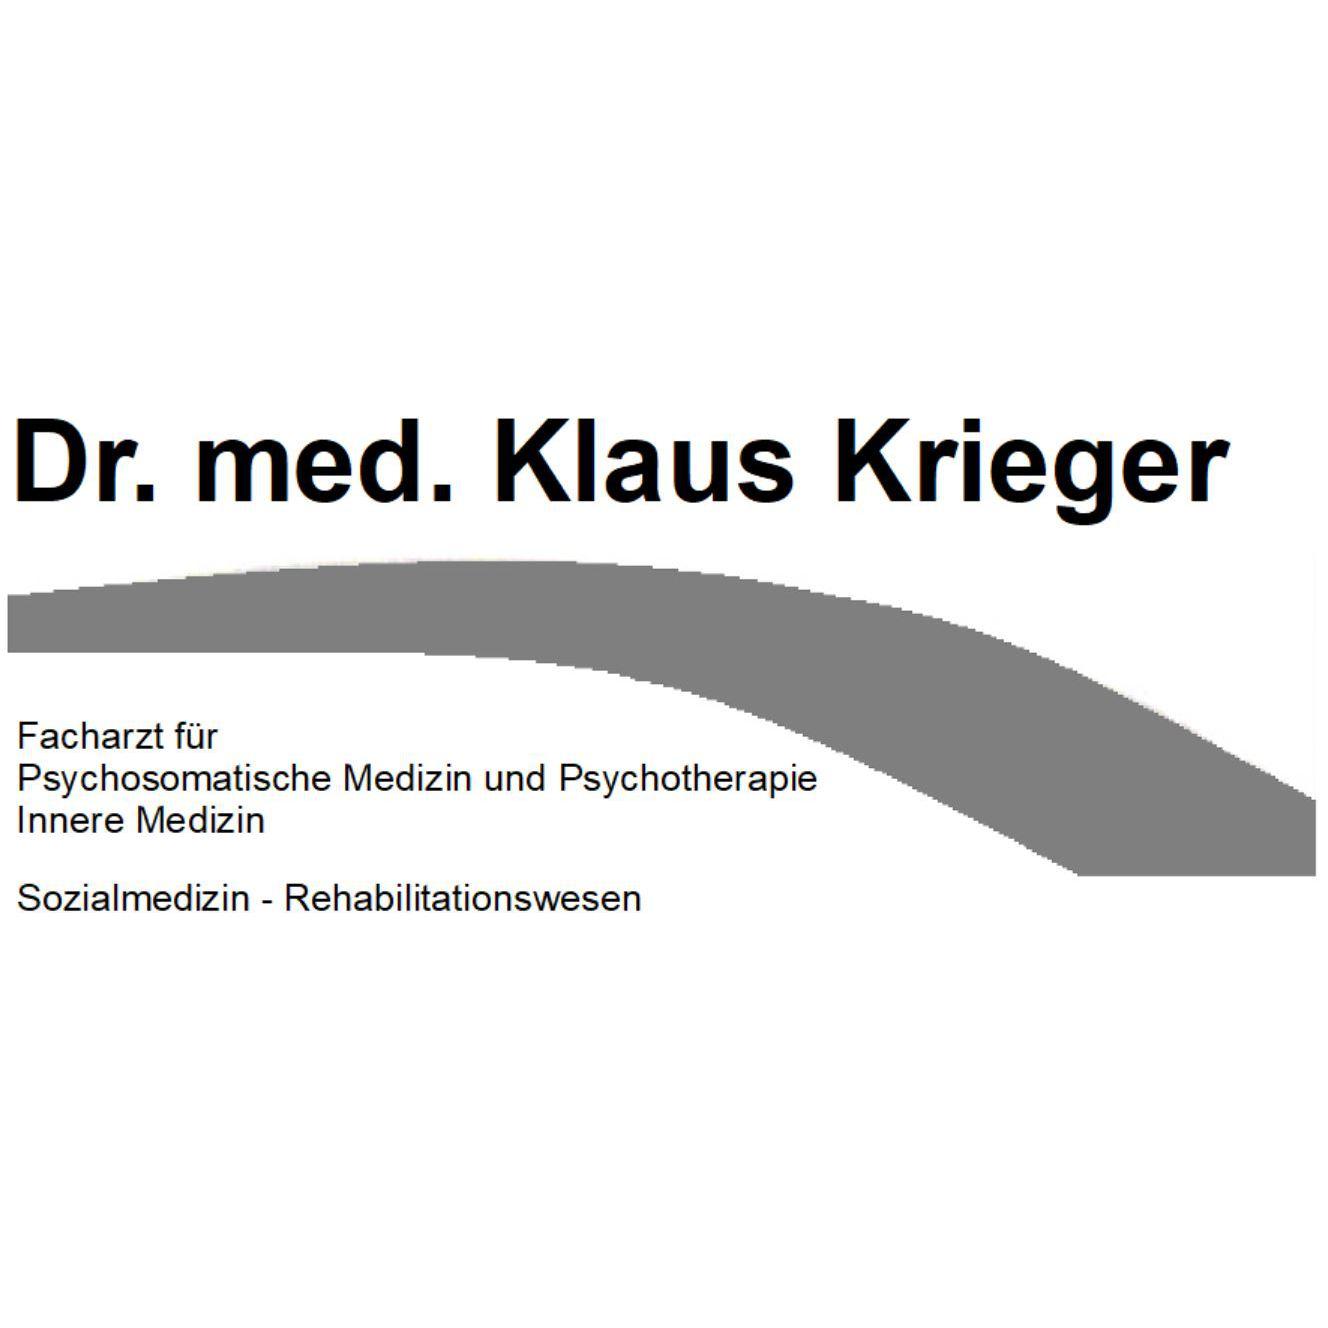 Dr. med. Klaus Peter Krieger